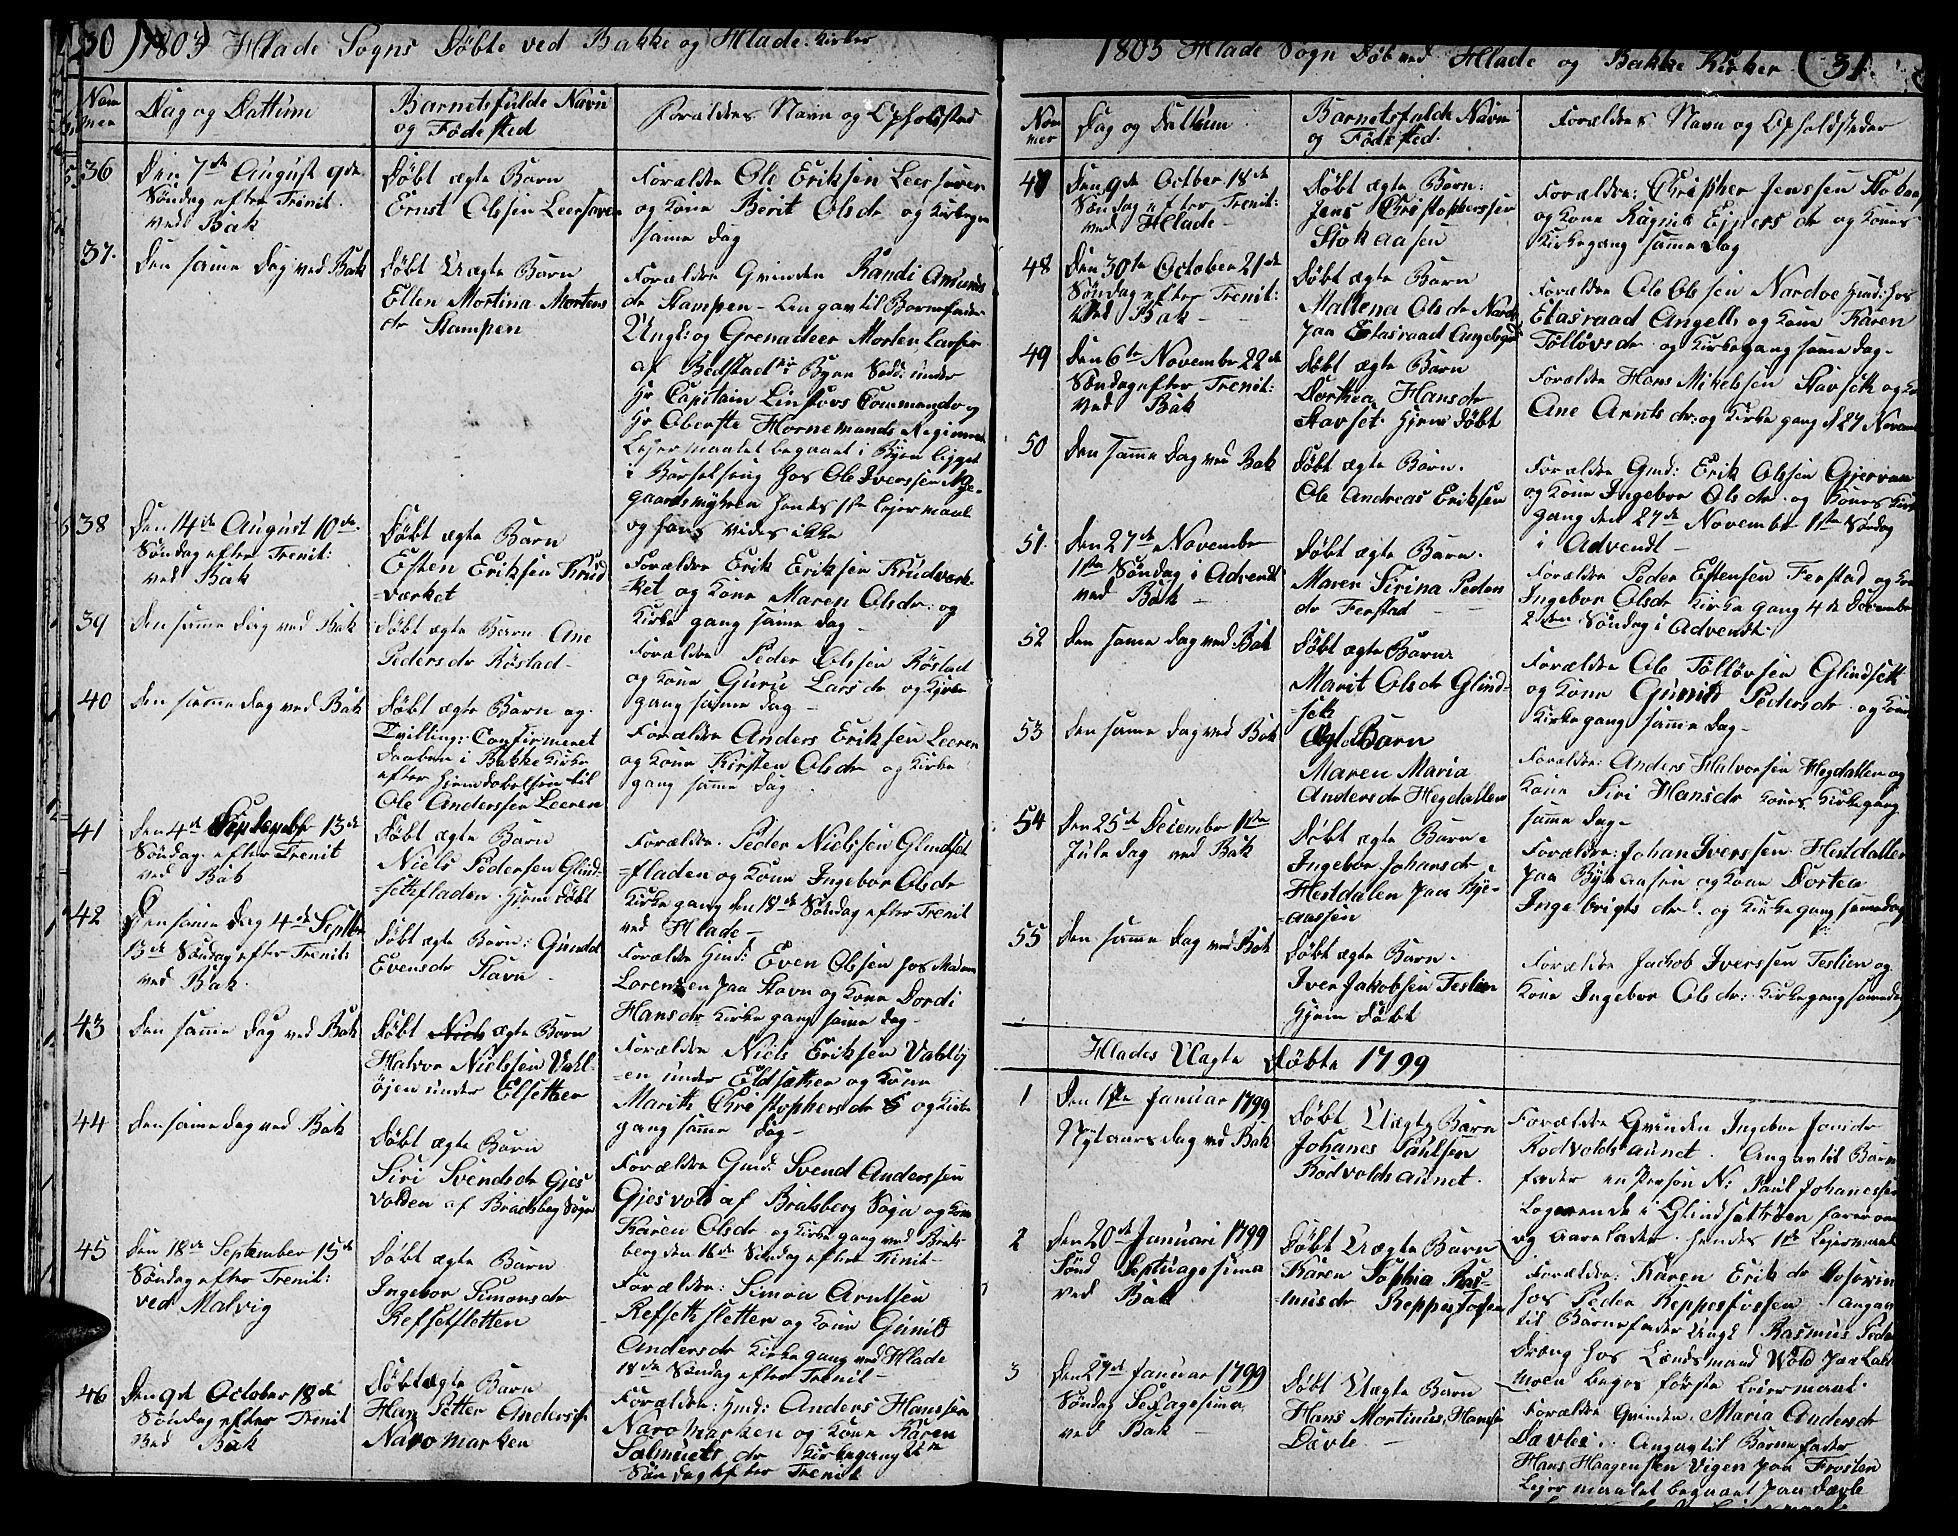 SAT, Ministerialprotokoller, klokkerbøker og fødselsregistre - Sør-Trøndelag, 606/L0306: Klokkerbok nr. 606C02, 1797-1829, s. 30-31